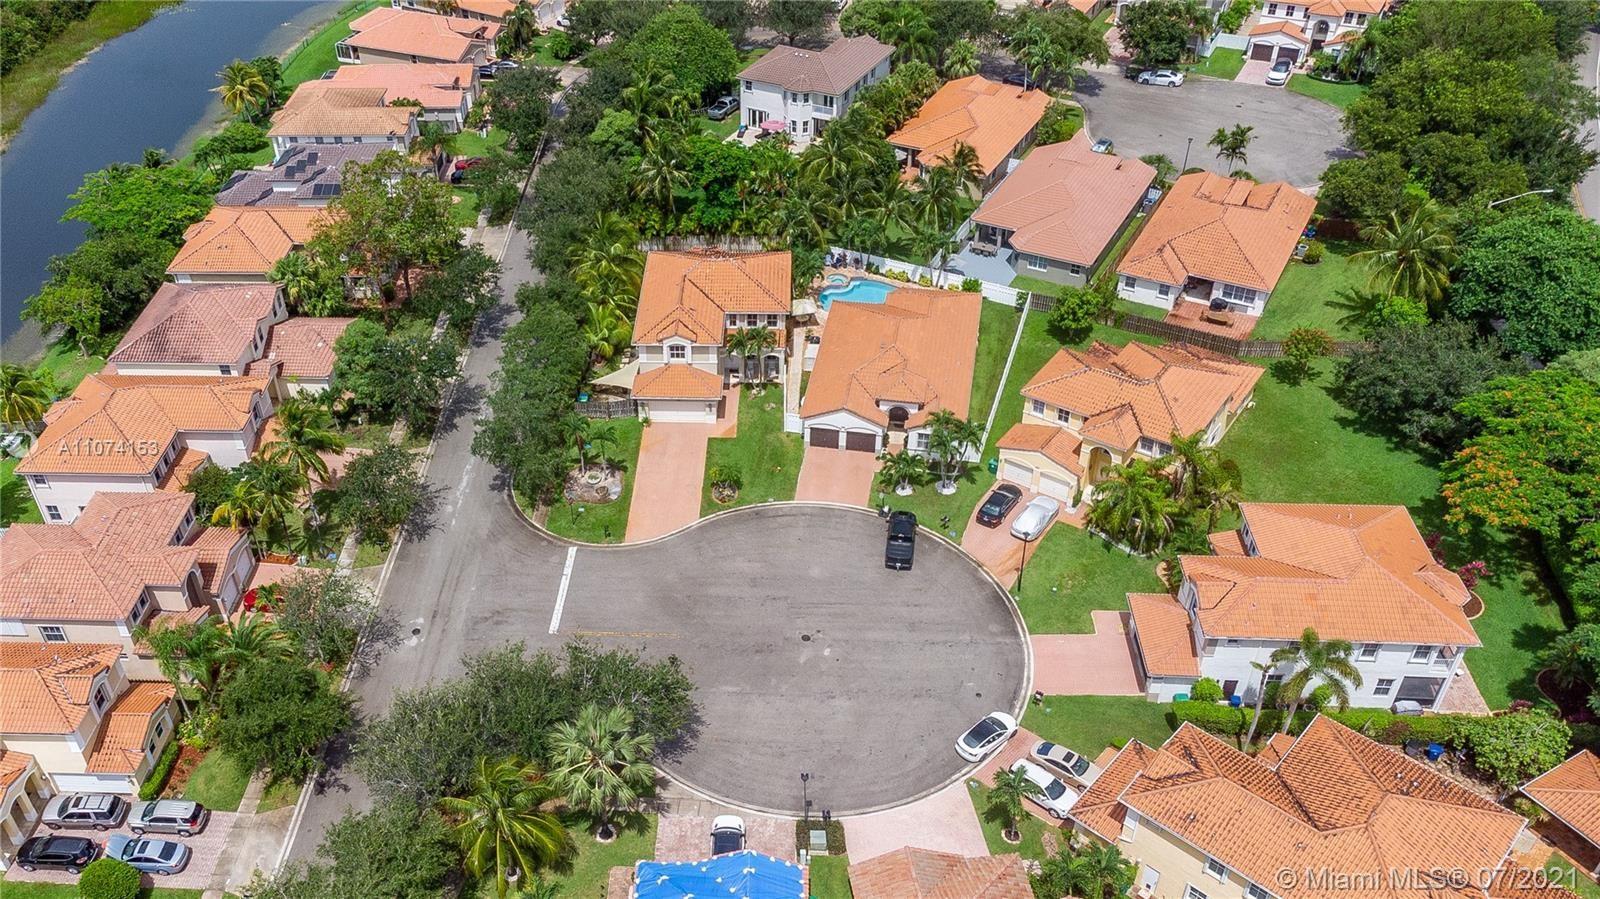 Photo of 3814 SW 165th Ter, Miramar, FL 33027 (MLS # A11074153)